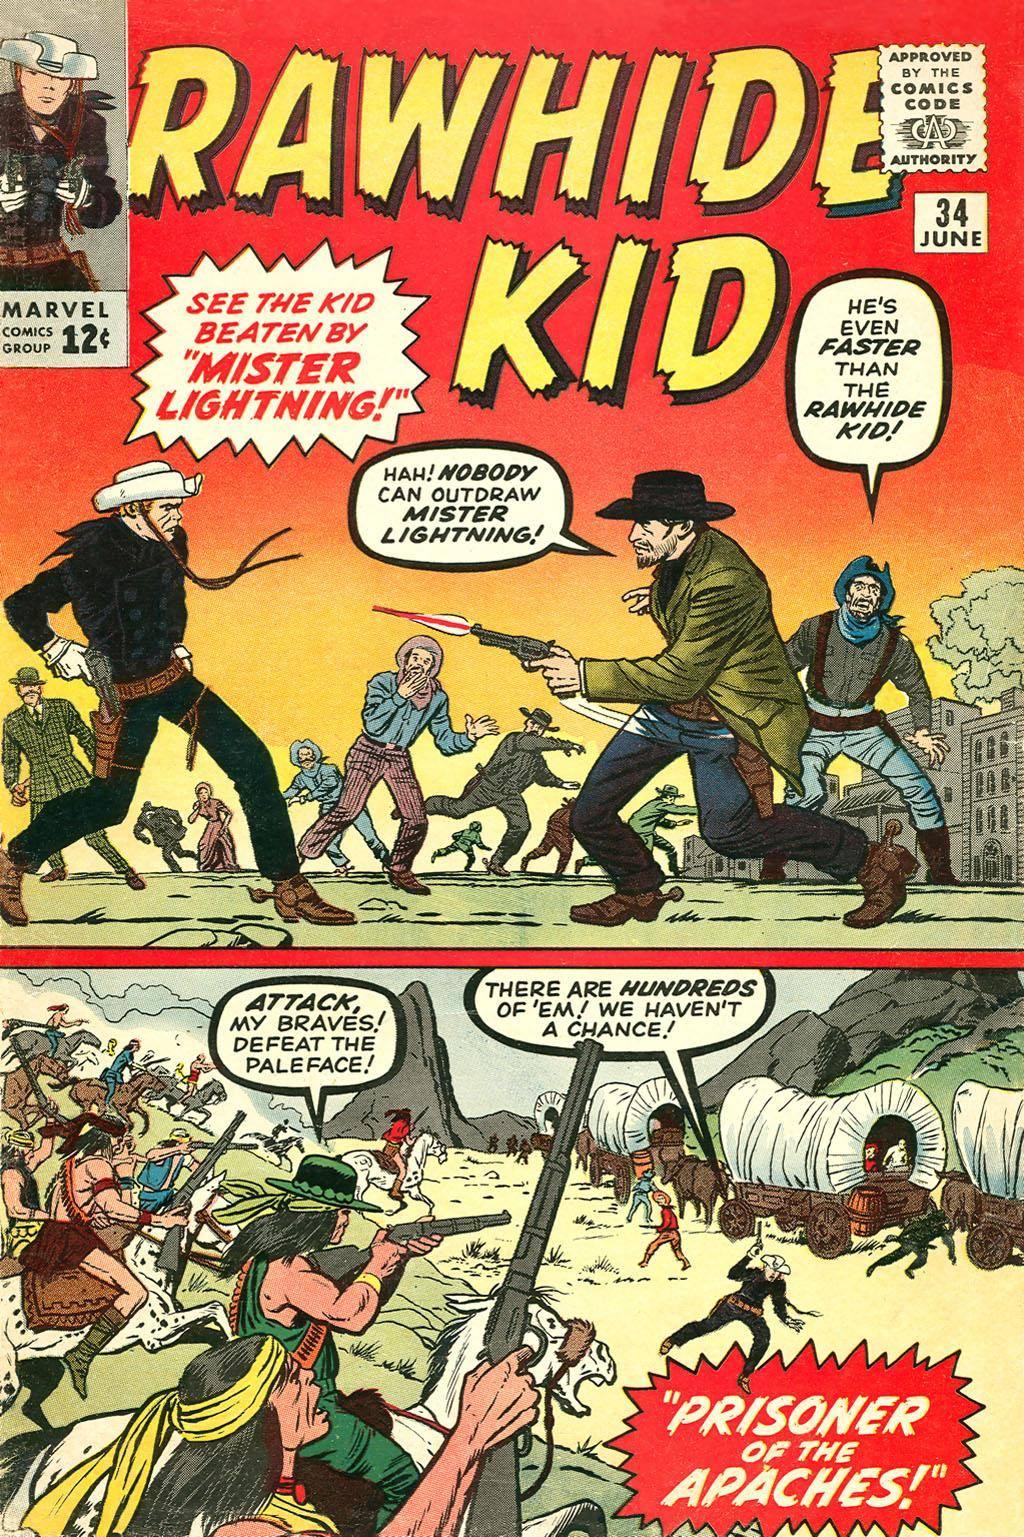 Rawhide Kid v1 034 1963